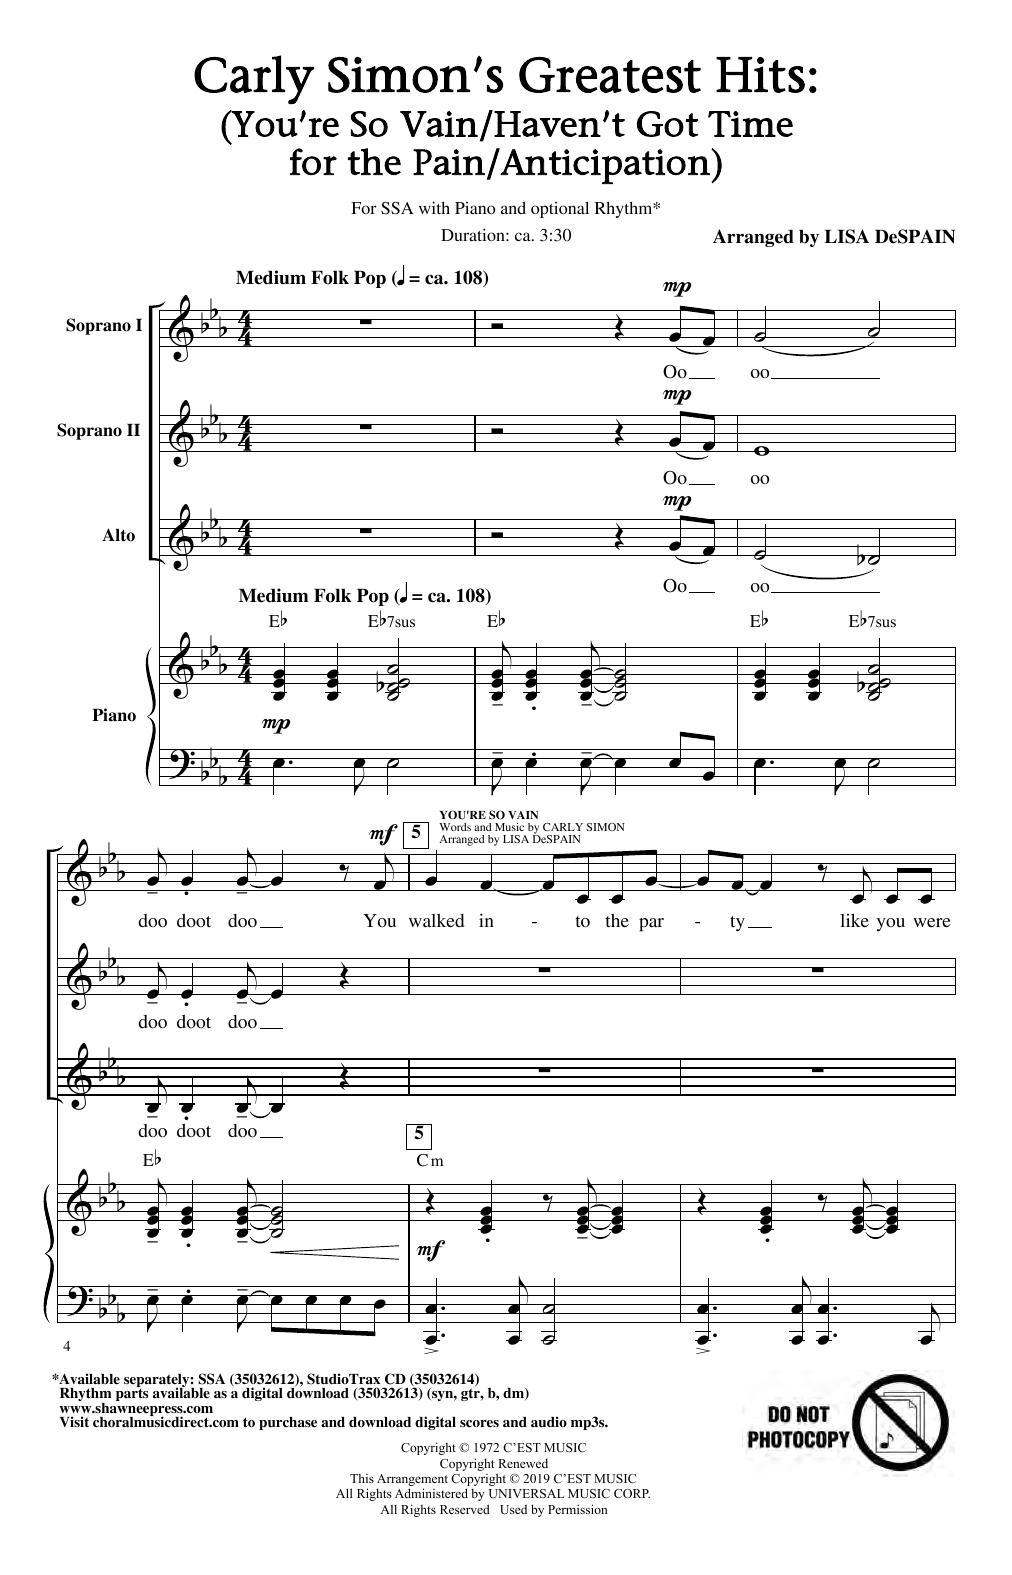 Carley Simon's Greatest Hits (Medley) (arr. Lisa DeSpain) (SSA Choir)